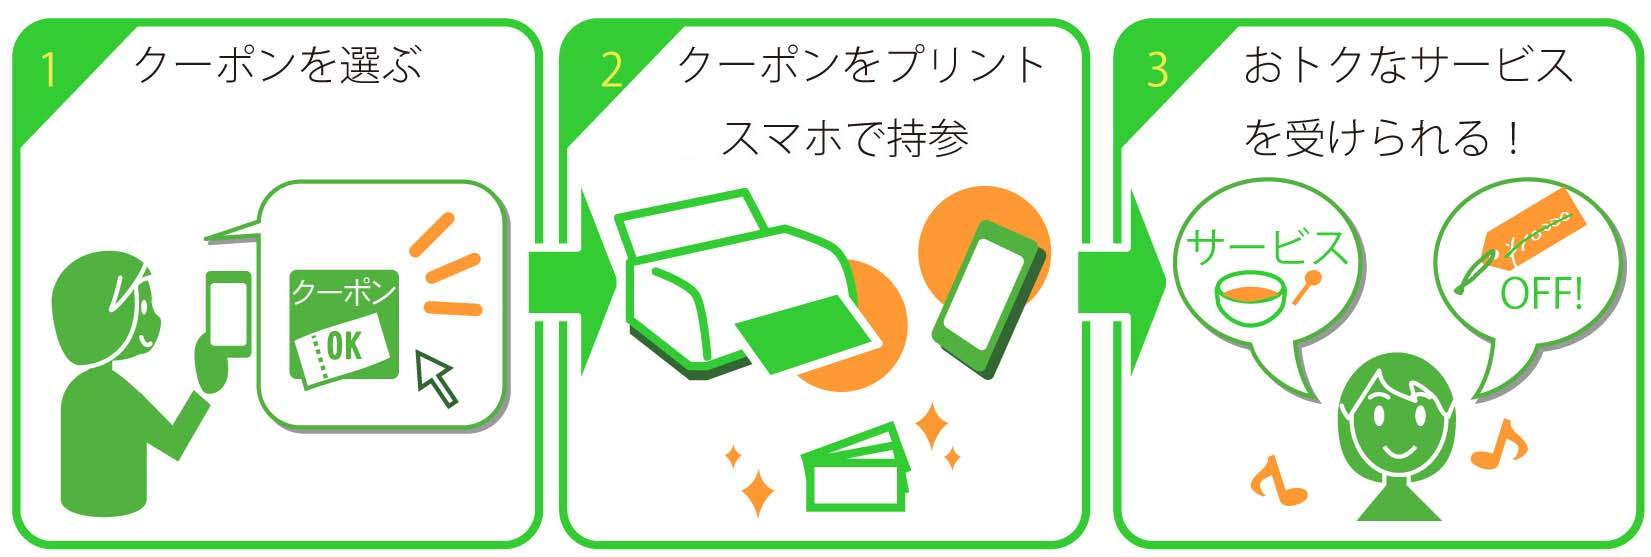 クーポンを選んで、印刷か画面に表示させて持参しよう!お得なサービスを受けられるよ!